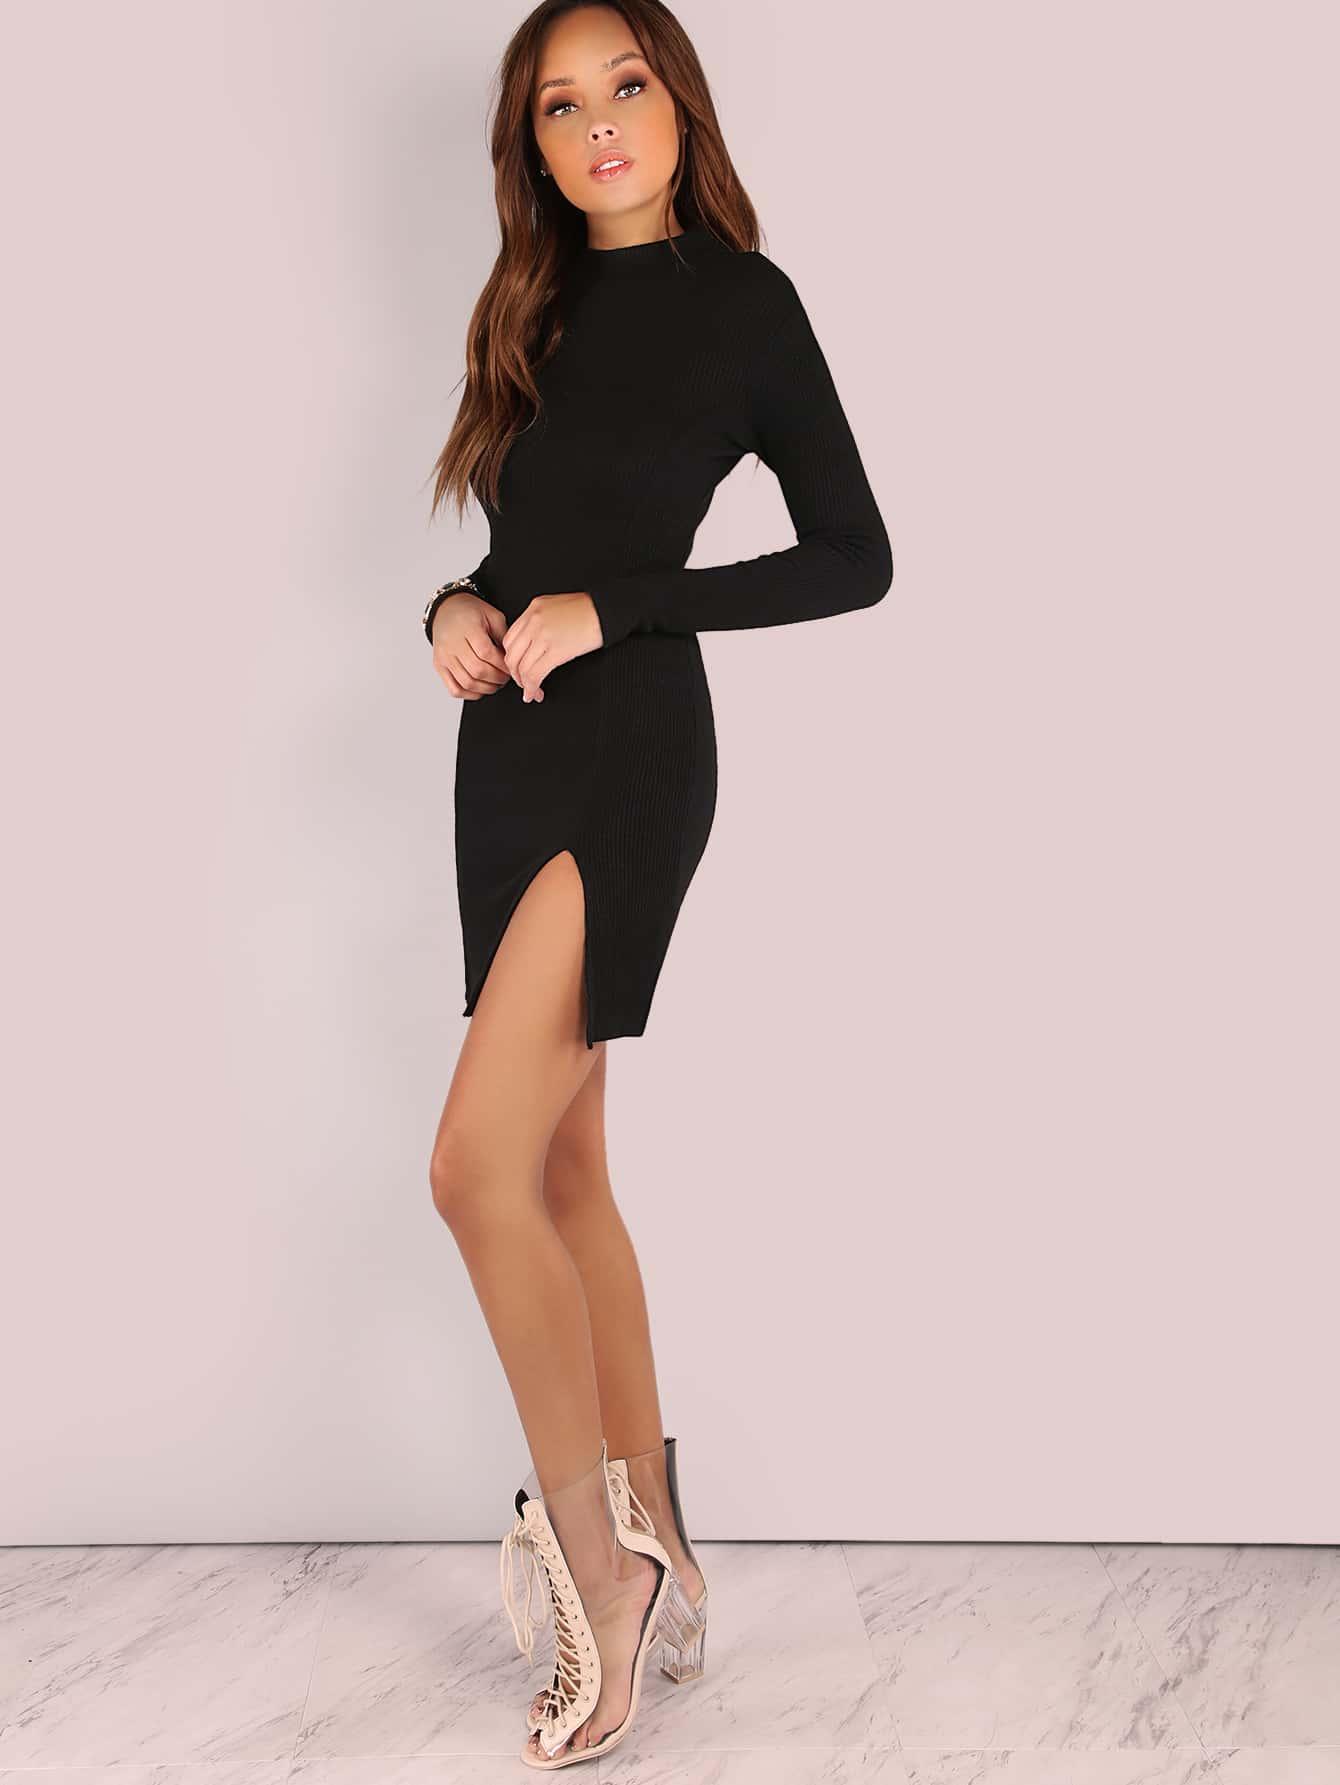 Ribbed Mock Neck Sleeved Slit Dress BLACK mmcdress-d11363-black